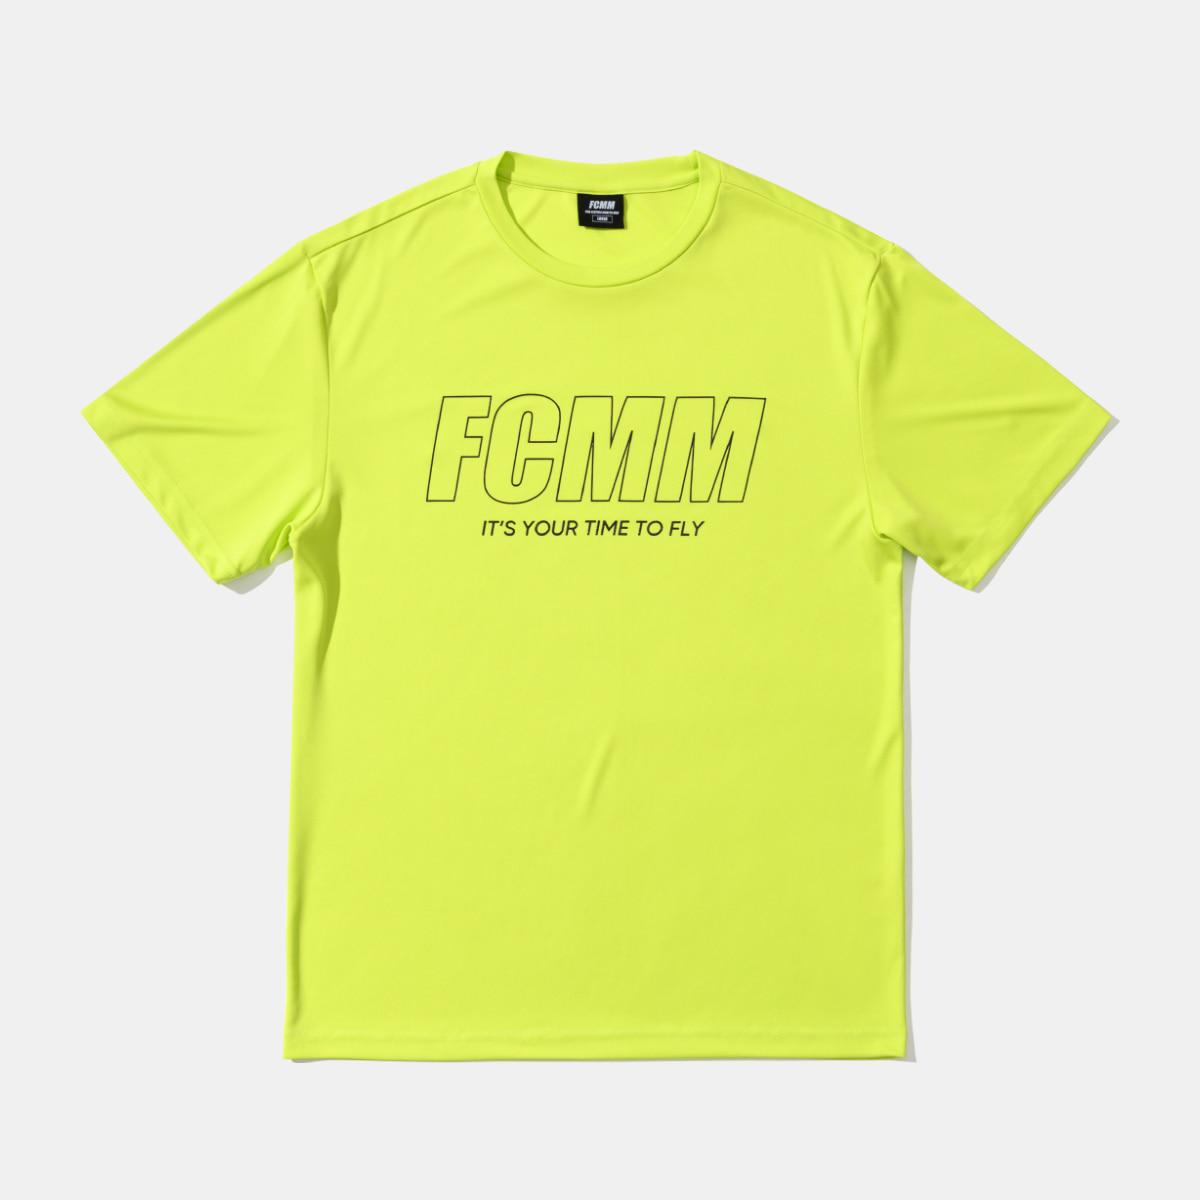 클럽 리니어 에센셜 티셔츠 - 네온라임